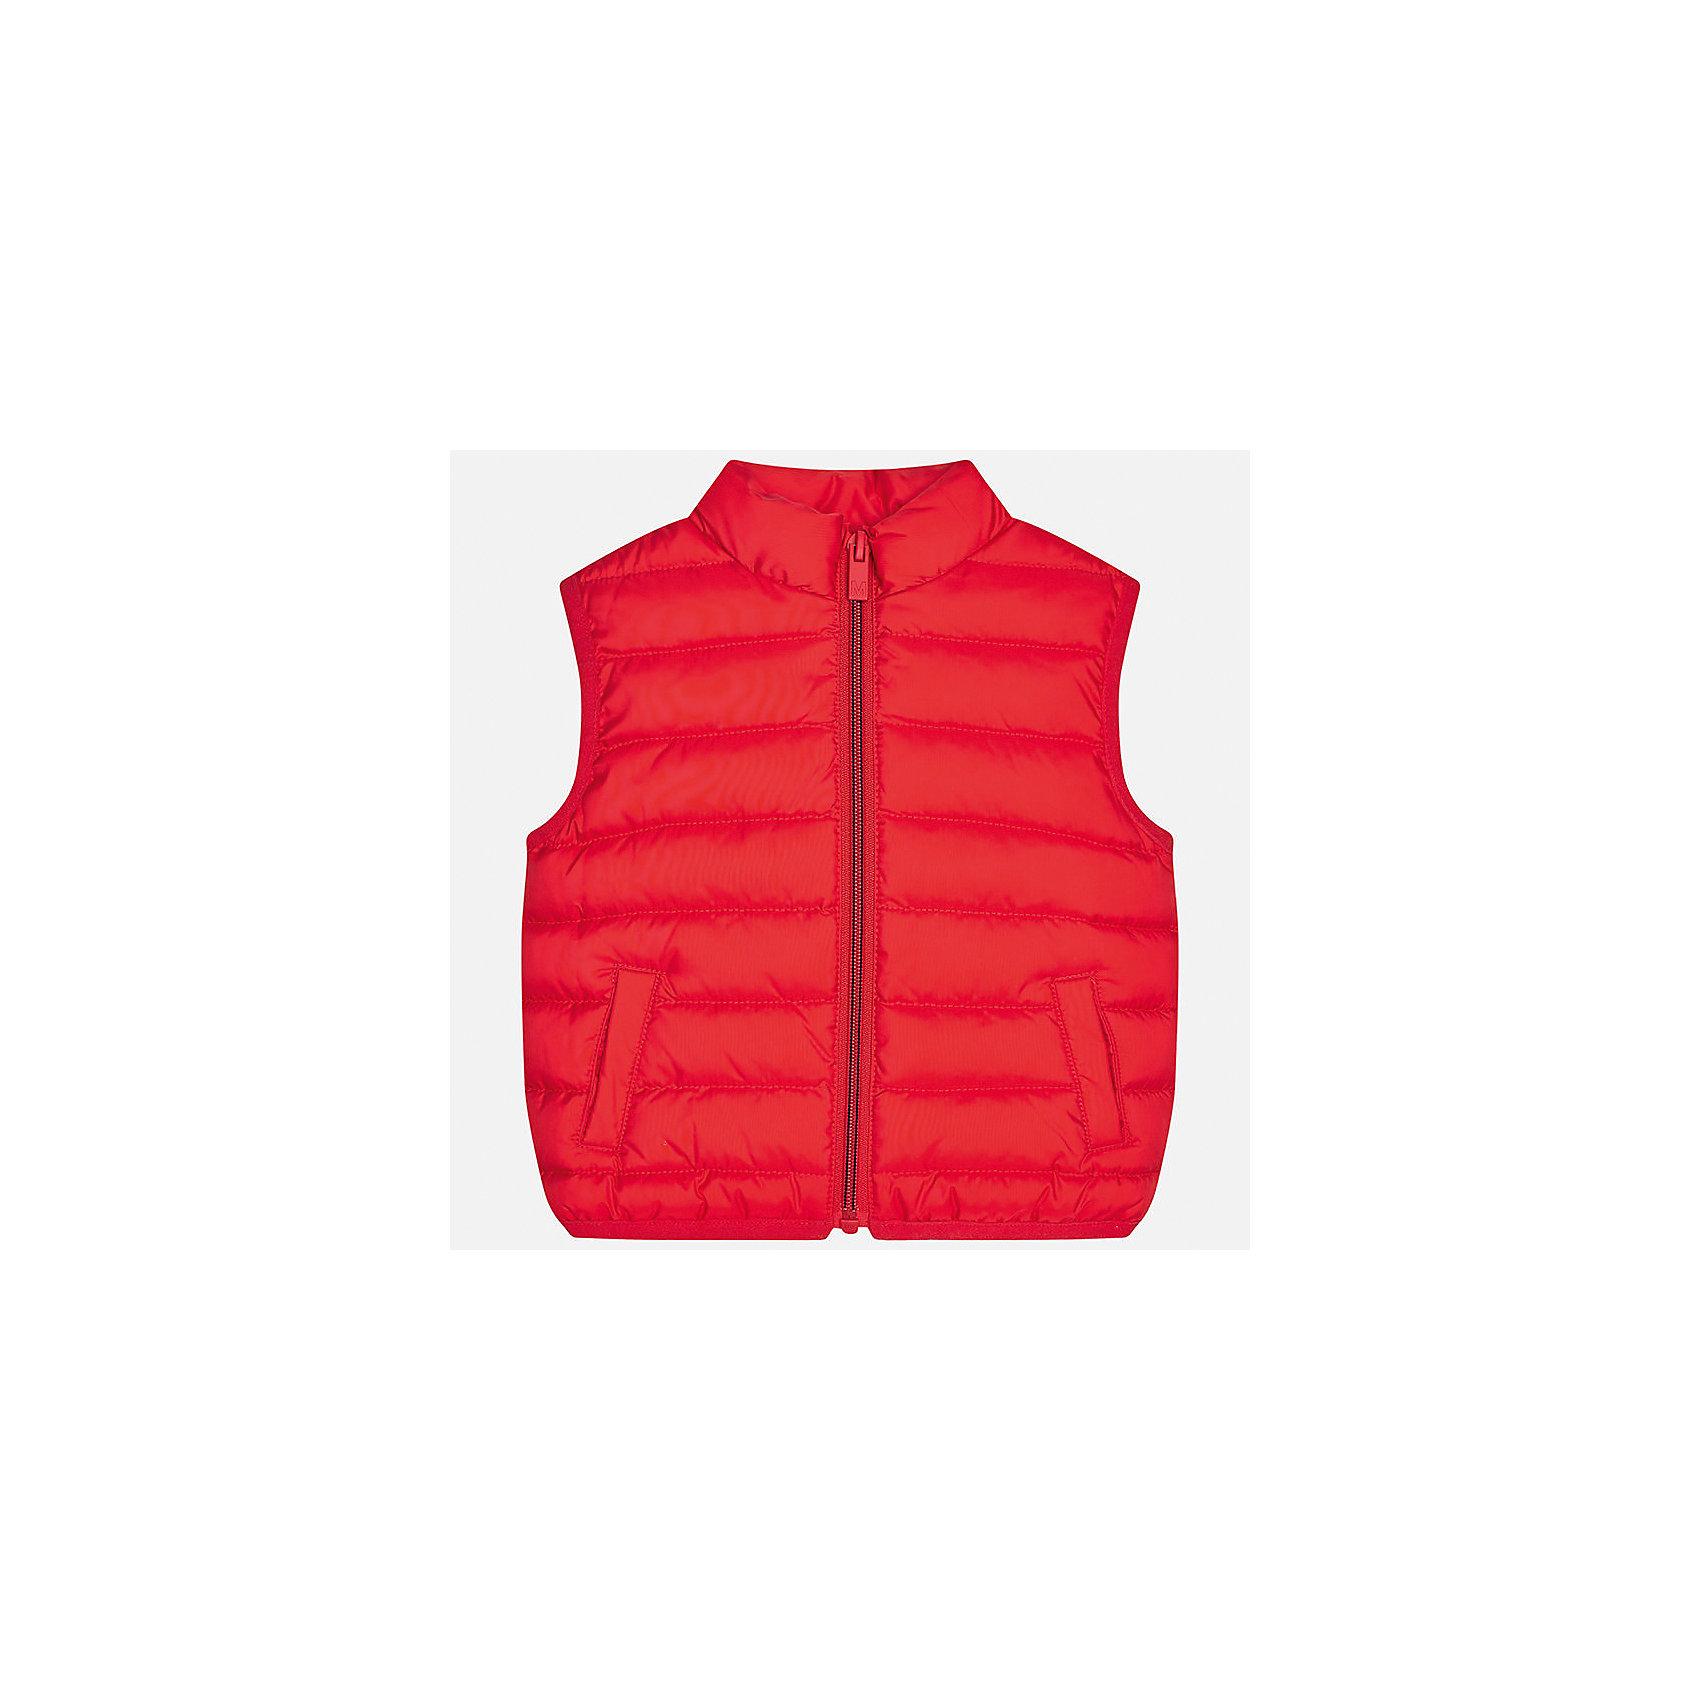 Жилет для мальчика MayoralВерхняя одежда<br>Характеристики товара:<br><br>• цвет: красный<br>• состав: 100% полиэстер<br>• температурный режим: +10°до +20°С<br>• без рукавов<br>• карманы<br>• молния <br>• воротник - стойка<br>• страна бренда: Испания<br><br>Стильный жилет для мальчика поможет разнообразить гардероб ребенка и обеспечить тепло. Он отлично сочетается и с джинсами, и с брюками. Универсальный цвет позволяет подобрать к вещи низ различных расцветок. Модное и практичное изделие.<br><br>Одежда, обувь и аксессуары от испанского бренда Mayoral полюбились детям и взрослым по всему миру. Модели этой марки - стильные и удобные. Для их производства используются только безопасные, качественные материалы и фурнитура. Порадуйте ребенка модными и красивыми вещами от Mayoral! <br><br>Жилет для мальчика от испанского бренда Mayoral (Майорал) можно купить в нашем интернет-магазине.<br><br>Ширина мм: 190<br>Глубина мм: 74<br>Высота мм: 229<br>Вес г: 236<br>Цвет: розовый<br>Возраст от месяцев: 12<br>Возраст до месяцев: 18<br>Пол: Мужской<br>Возраст: Детский<br>Размер: 86,80,92<br>SKU: 5279557